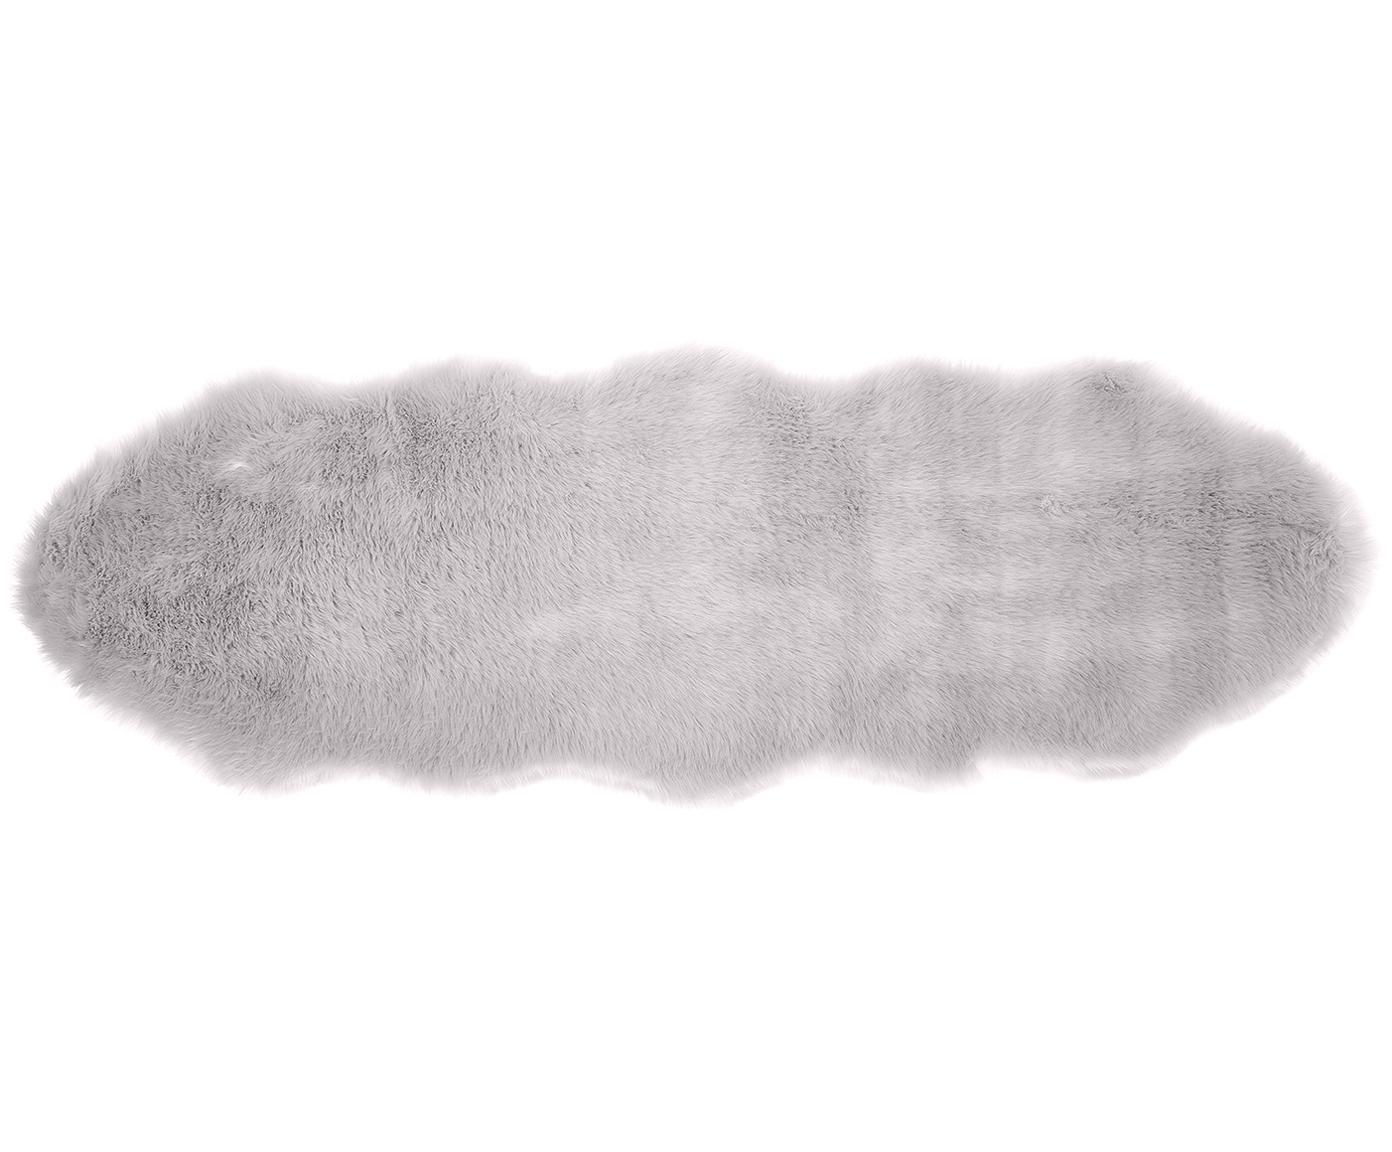 Kunstfell-Teppich Mathilde, glatt, Flor: 65% Acryl, 35% Polyester, Rückseite: 100% Polyester, Hellgrau, 60 x 180 cm